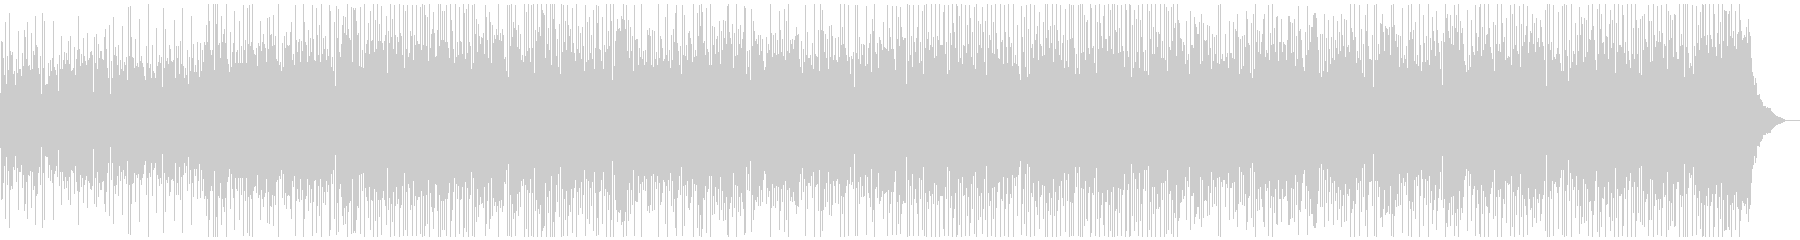 ほのぼのとしたマンドリンカントリーBGMの未再生の波形